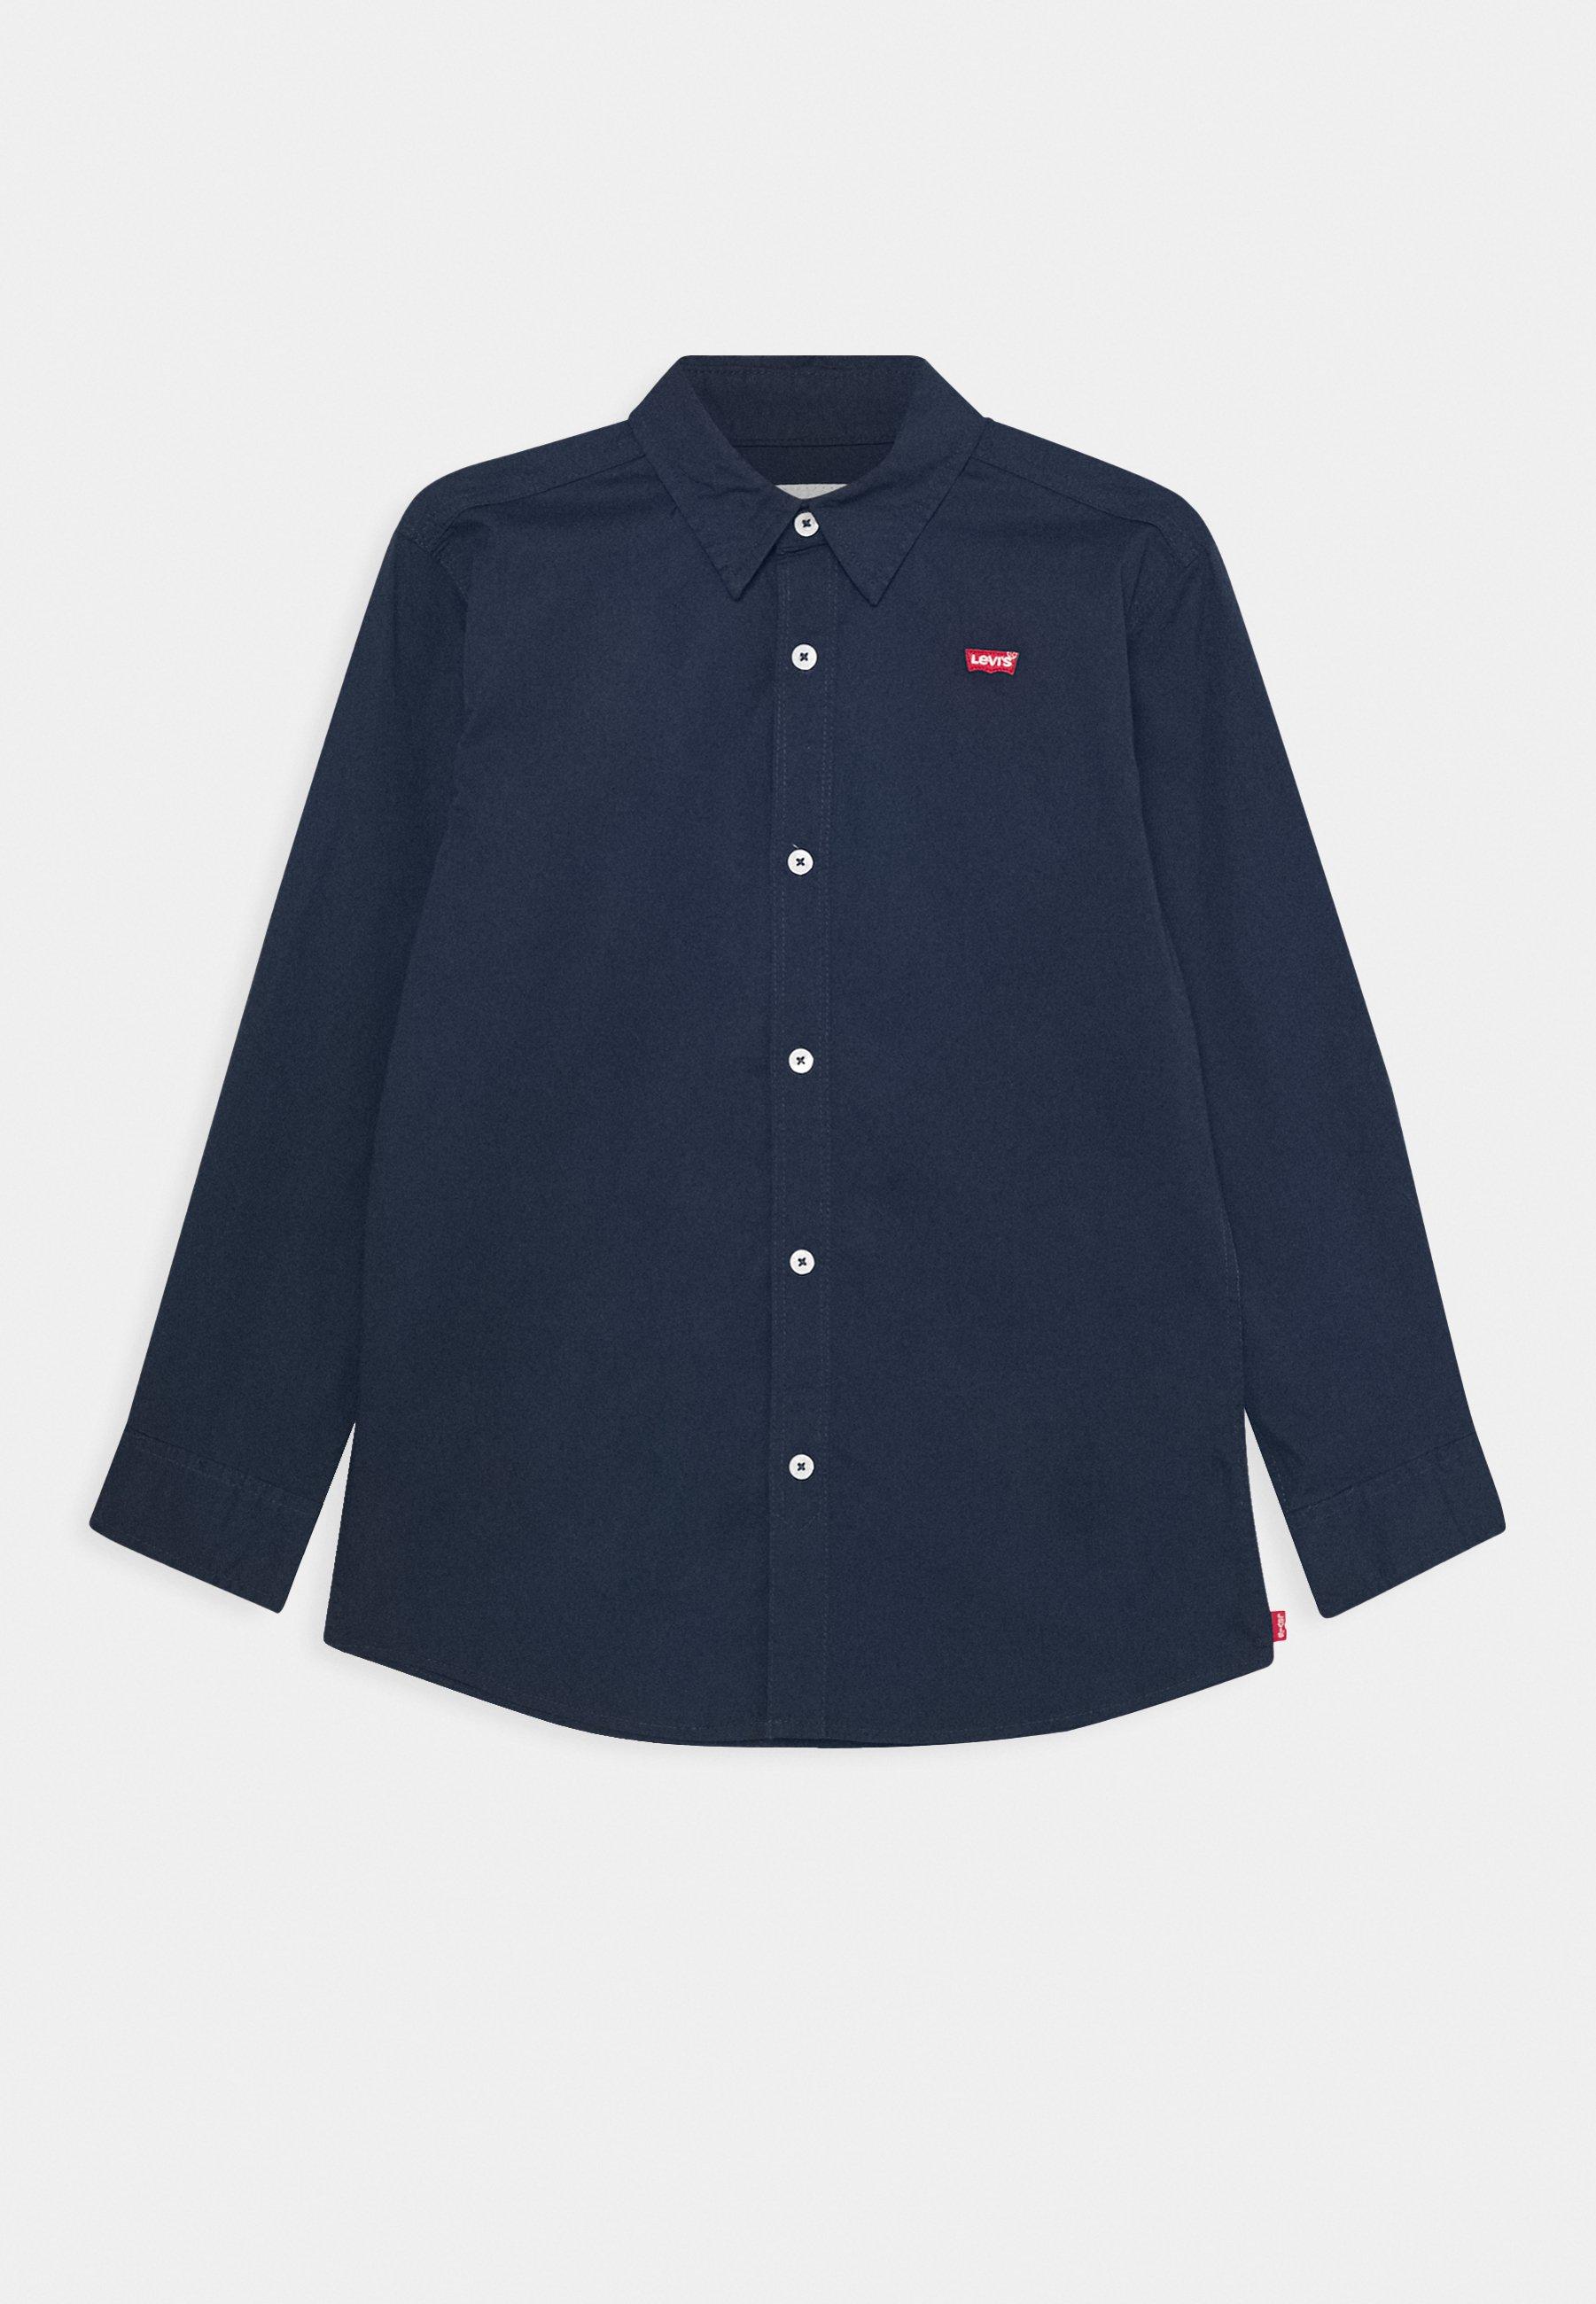 Levi's® BUTTON UP Skjorte dress blues Zalando.no